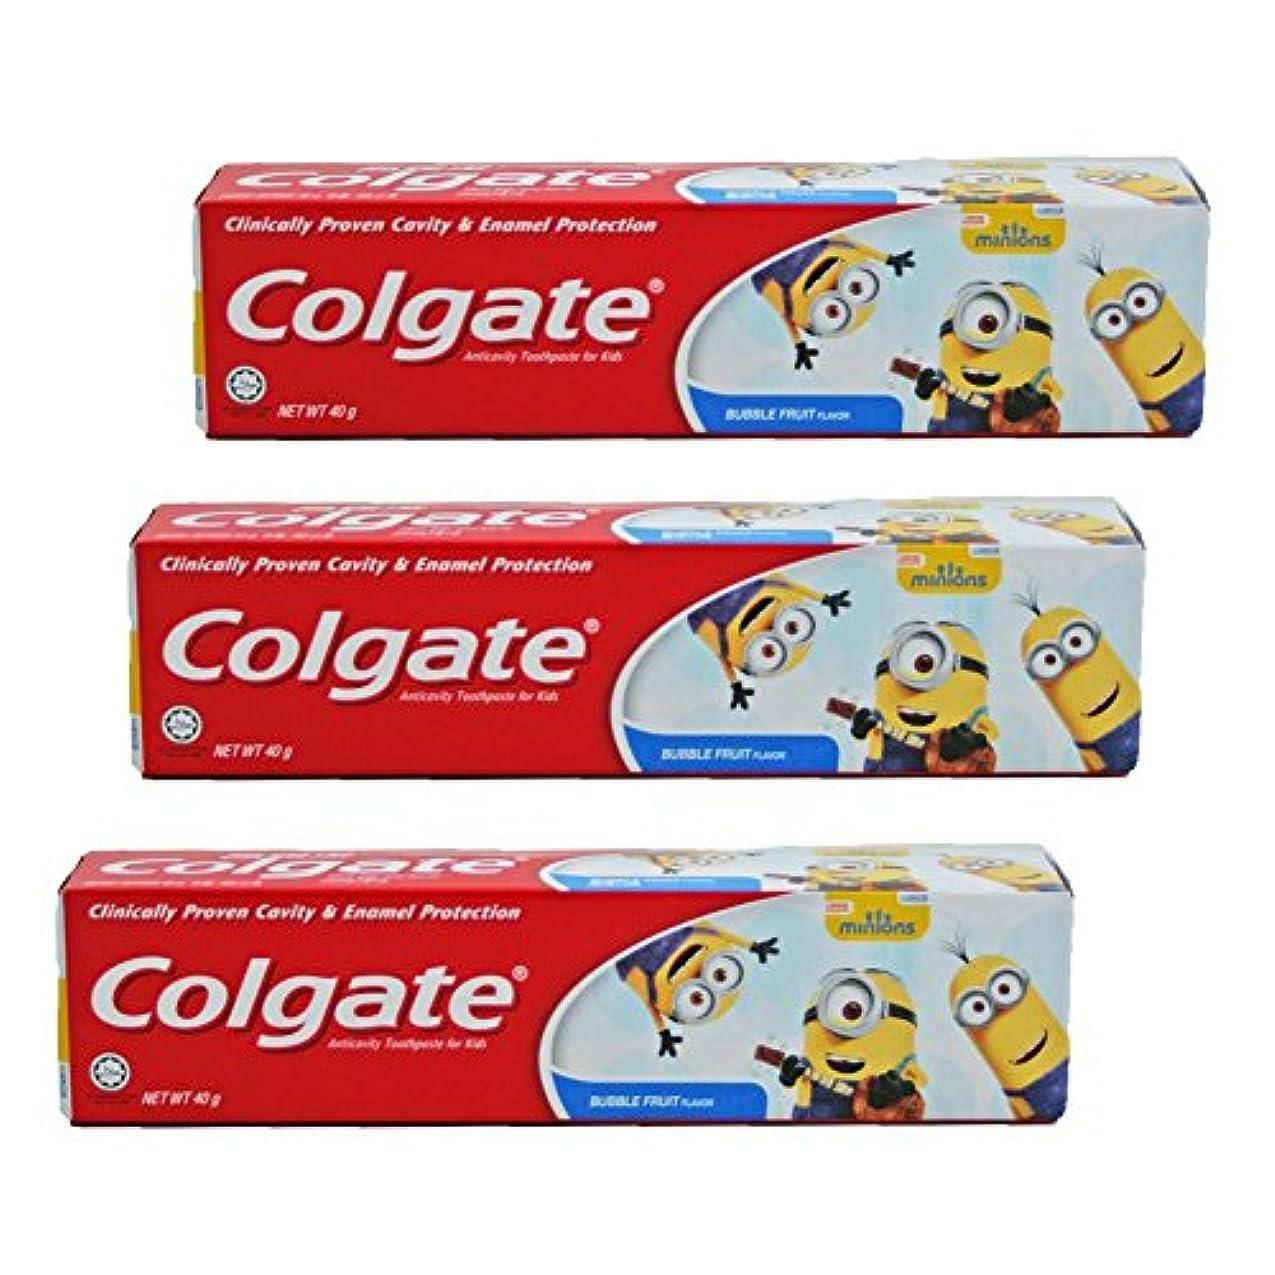 キャンベラ現代の魅惑的なコルゲート Colgate 子供用 Kids-BUBBLE FRUIT FLAVOR (ミニオン, 40g) 3個セット [並行輸入品]